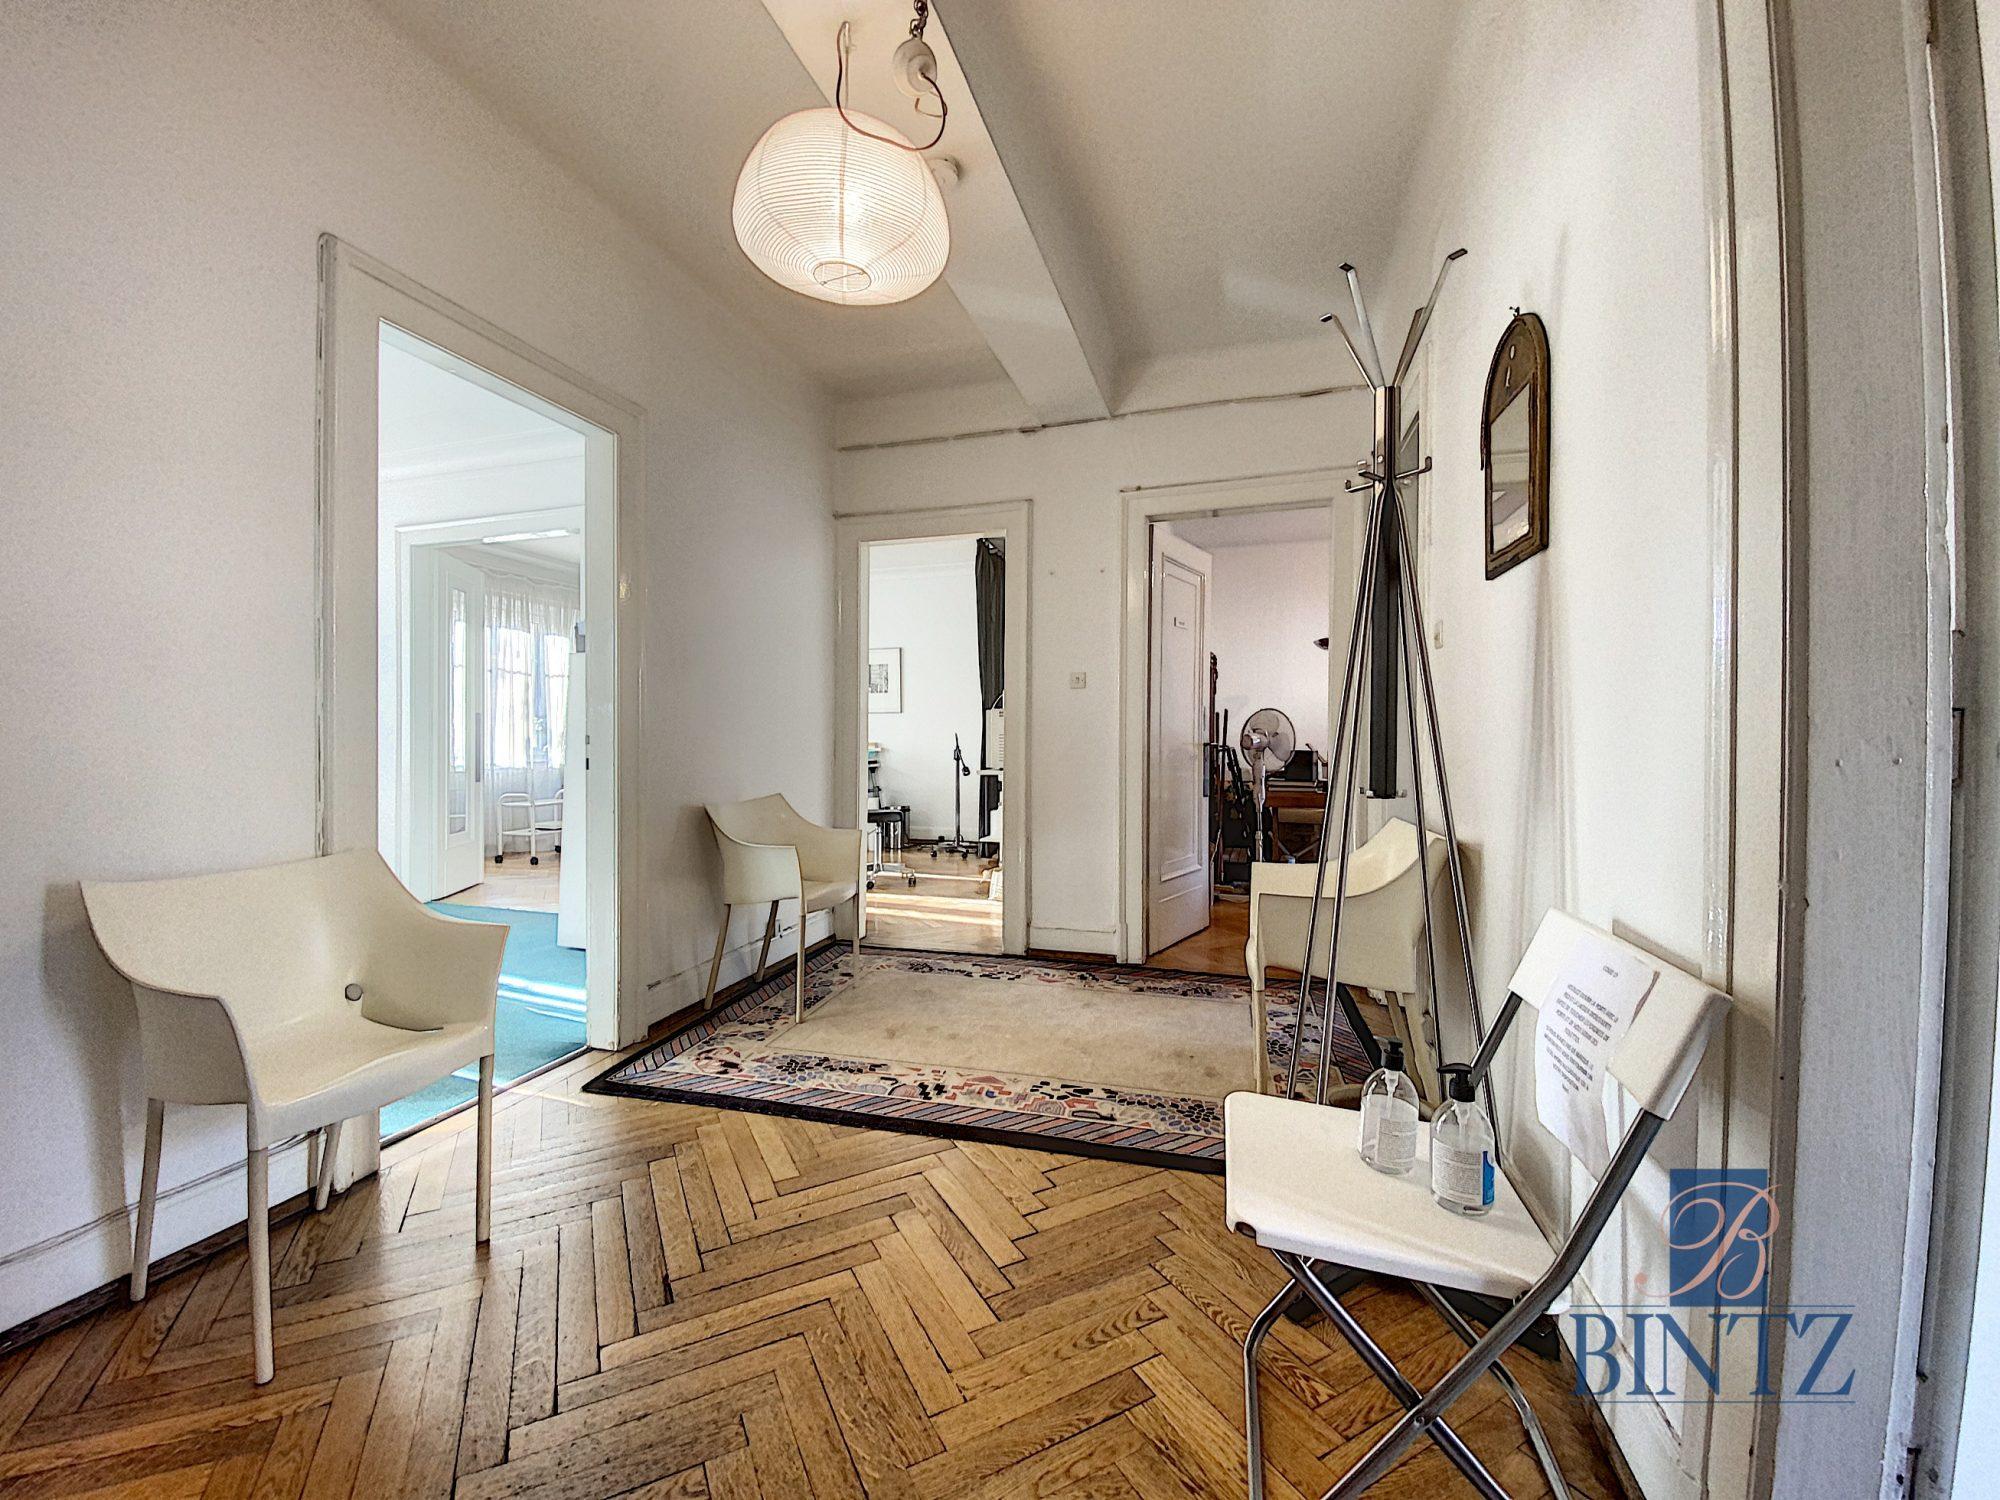 Local professionnel ERP 3 pièces + Salle d'attente - Devenez locataire en toute sérénité - Bintz Immobilier - 1